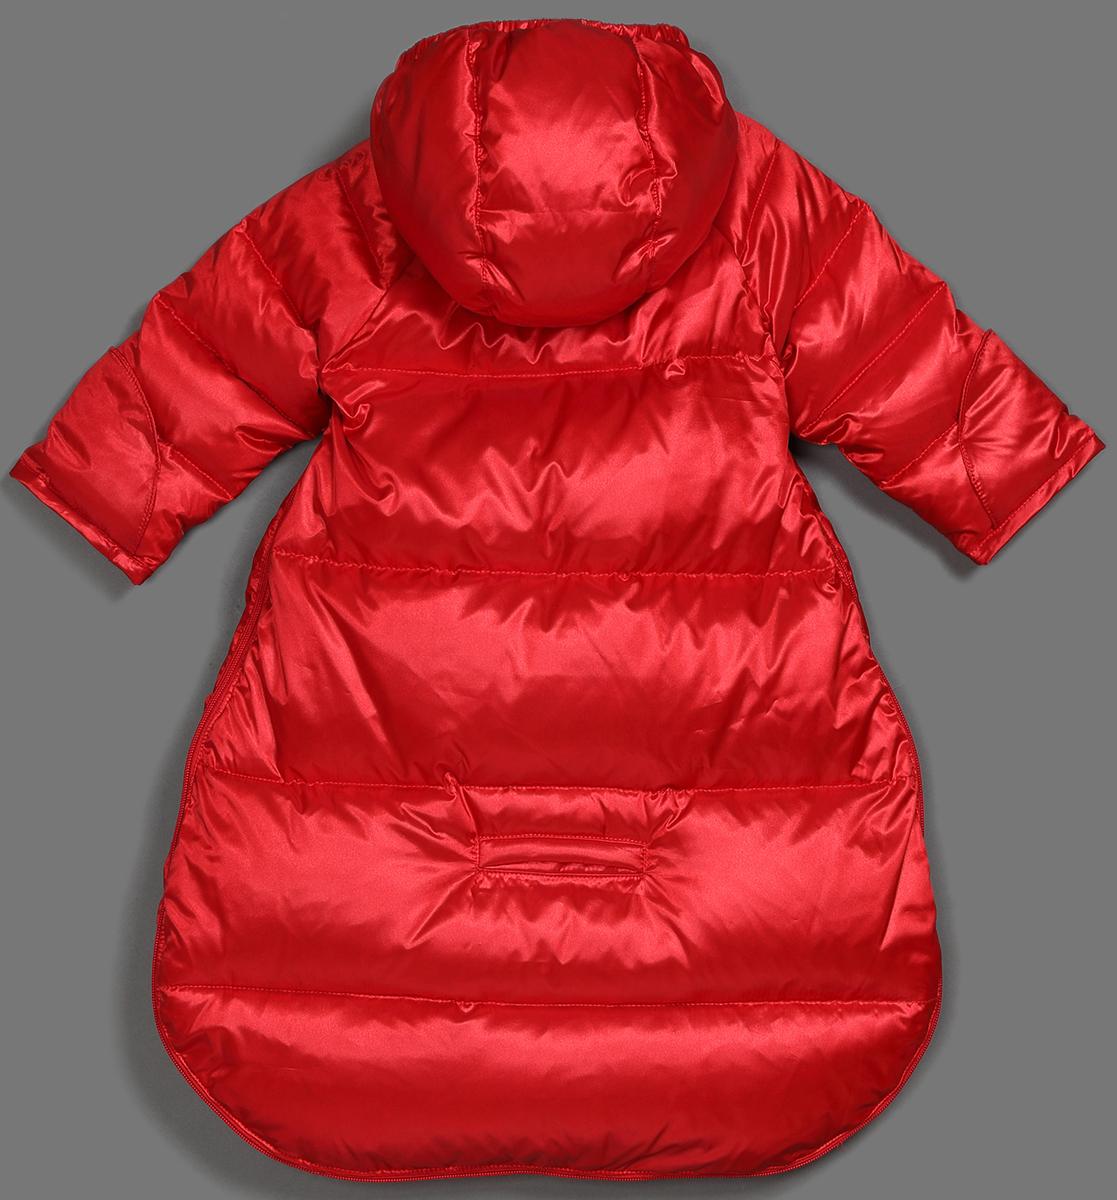 Спальный мешок для новорожденных Ёмаё, цвет: красный. 68-117. Размер 5668-117Конверт для новорожденного на натуральном пуху – 85% и перо 15% (плотность набивки - 220 гр/м кв) из тонкой лёгкой курточной ткани (пропитка только WR). Изделие предусматривает перевозку ребёнка в автомобильном кресле (есть отверстия для ремня). По лицевому срезу капюшона – резинка. Ручки ребёнка можно закрыть рукавичкой, притачанной к низку рукава. Горлышко дополнительно закрывает внутренний подборт, ширина горловины регулируется с помощью контактной ленты Спереди имеется оригинальная вышивка. Температурный режим до минус 25-30 градусов.